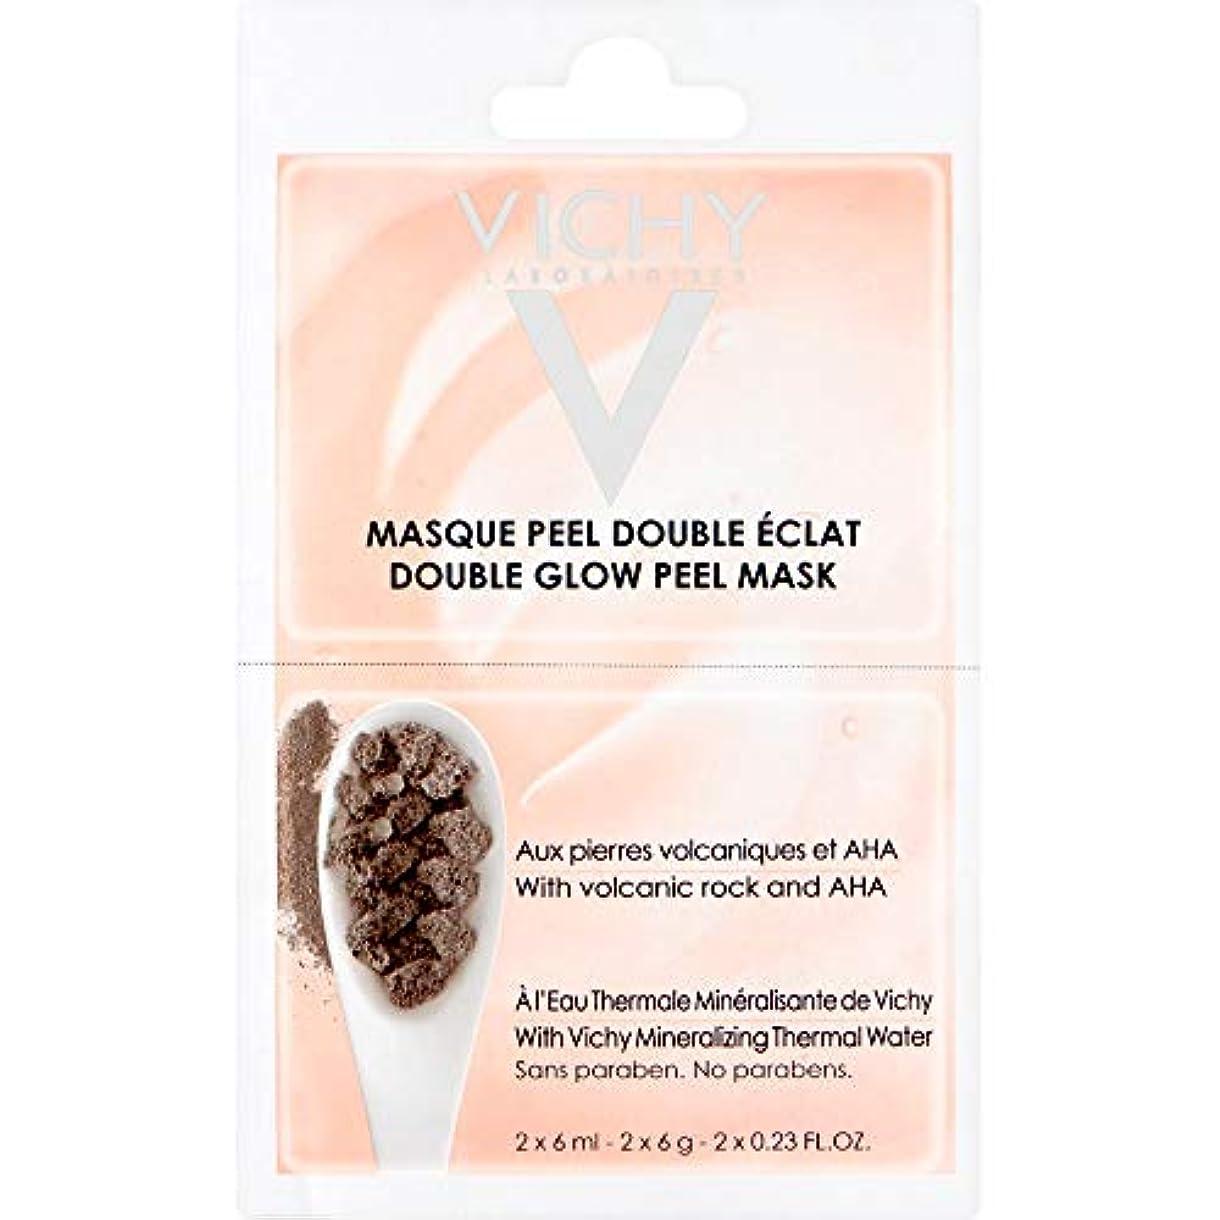 スラダム鉛筆感度[Vichy] ヴィシーダブルグローピールマスクデュオ2×6ミリリットル - Vichy Double Glow Peel Mask Duo 2 x 6ml [並行輸入品]